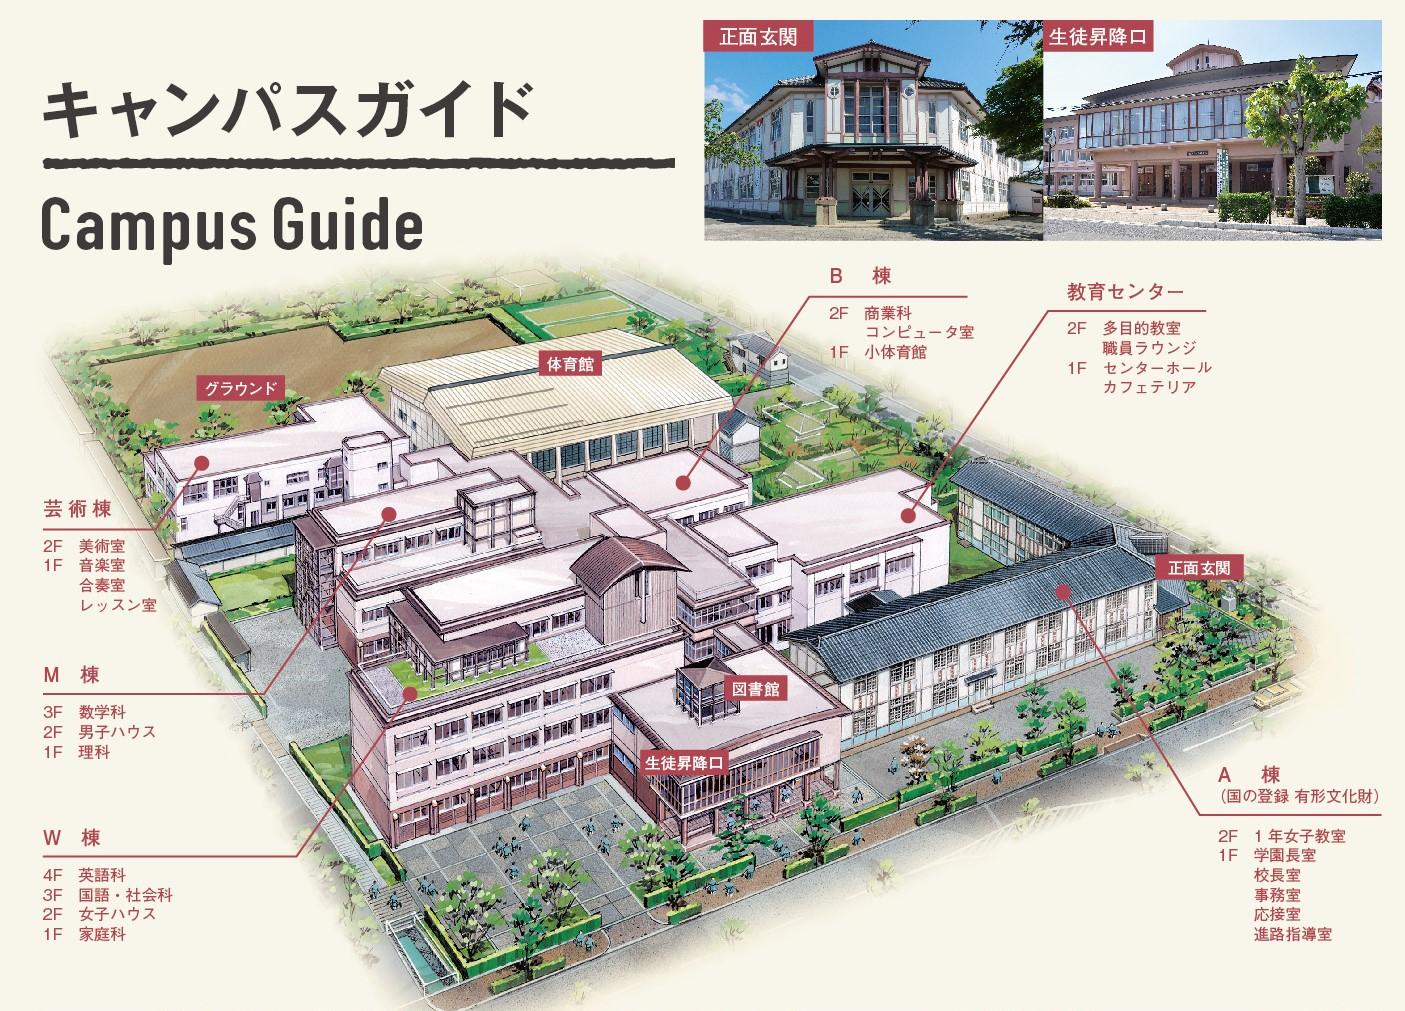 九里学園キャンパスガイド